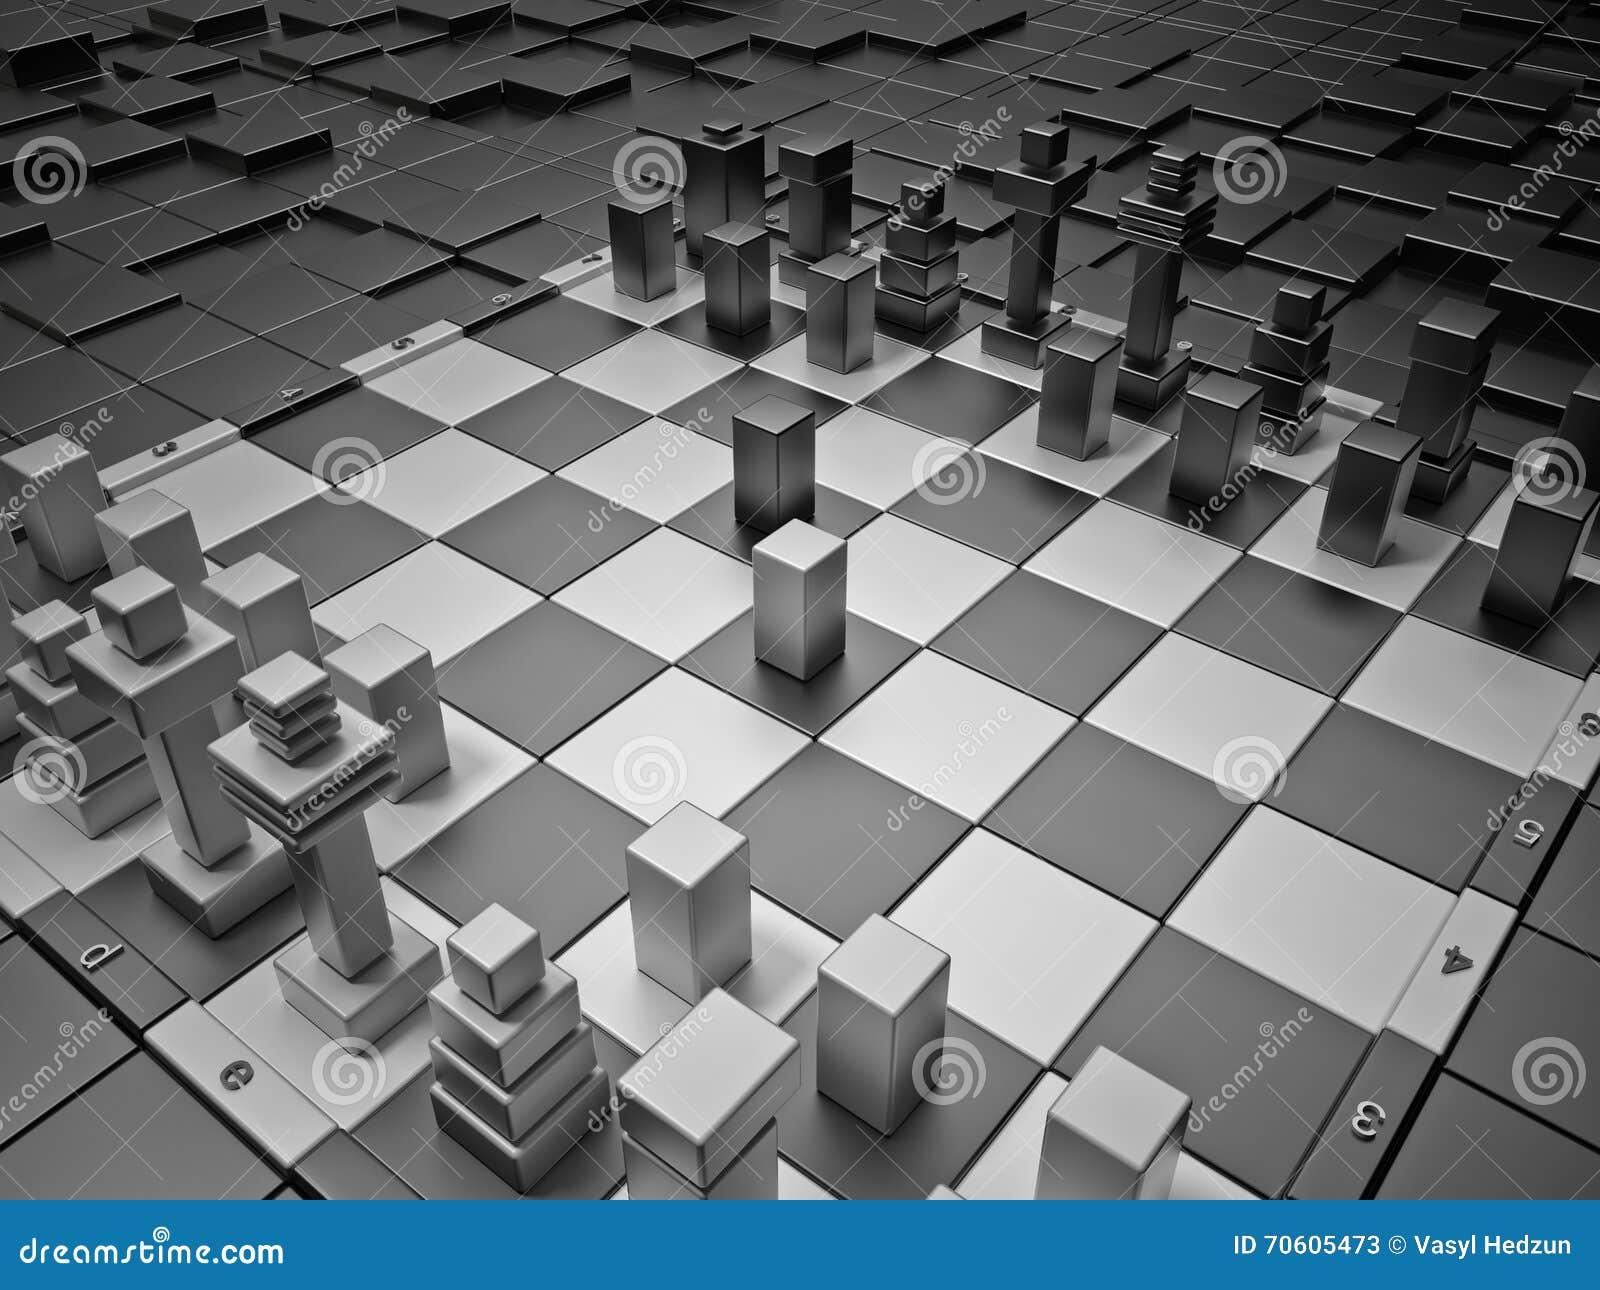 futuristic chess board stock illustration image 70605473